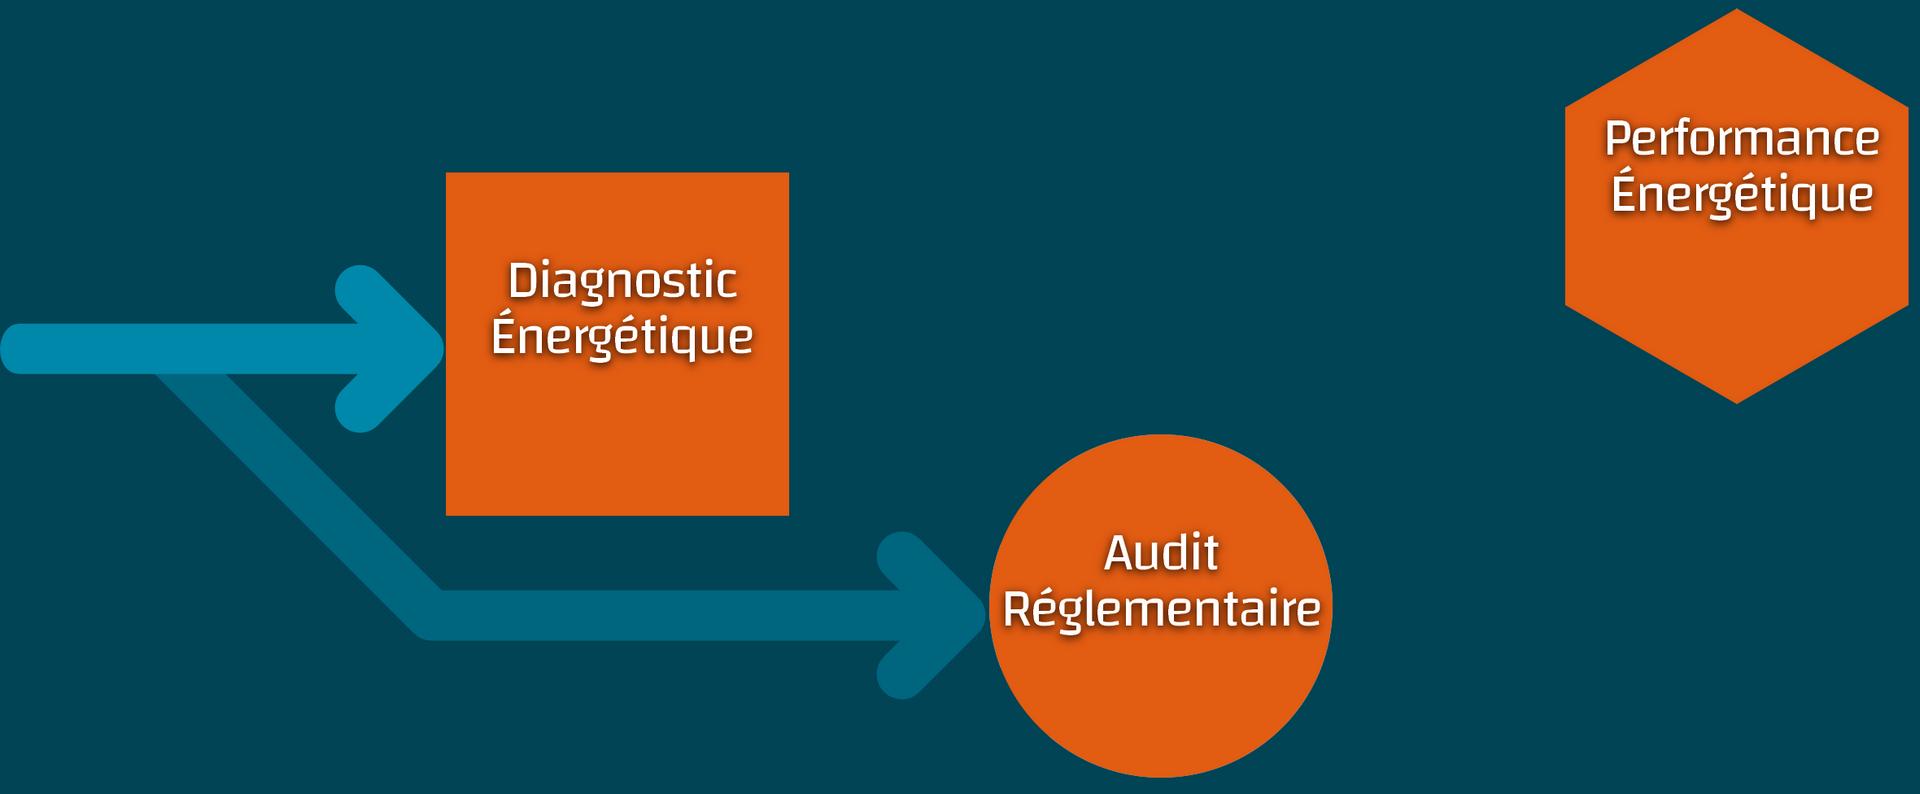 Artesial Diagnostic Énergétique Audit Réglementaire Performance Énergétique